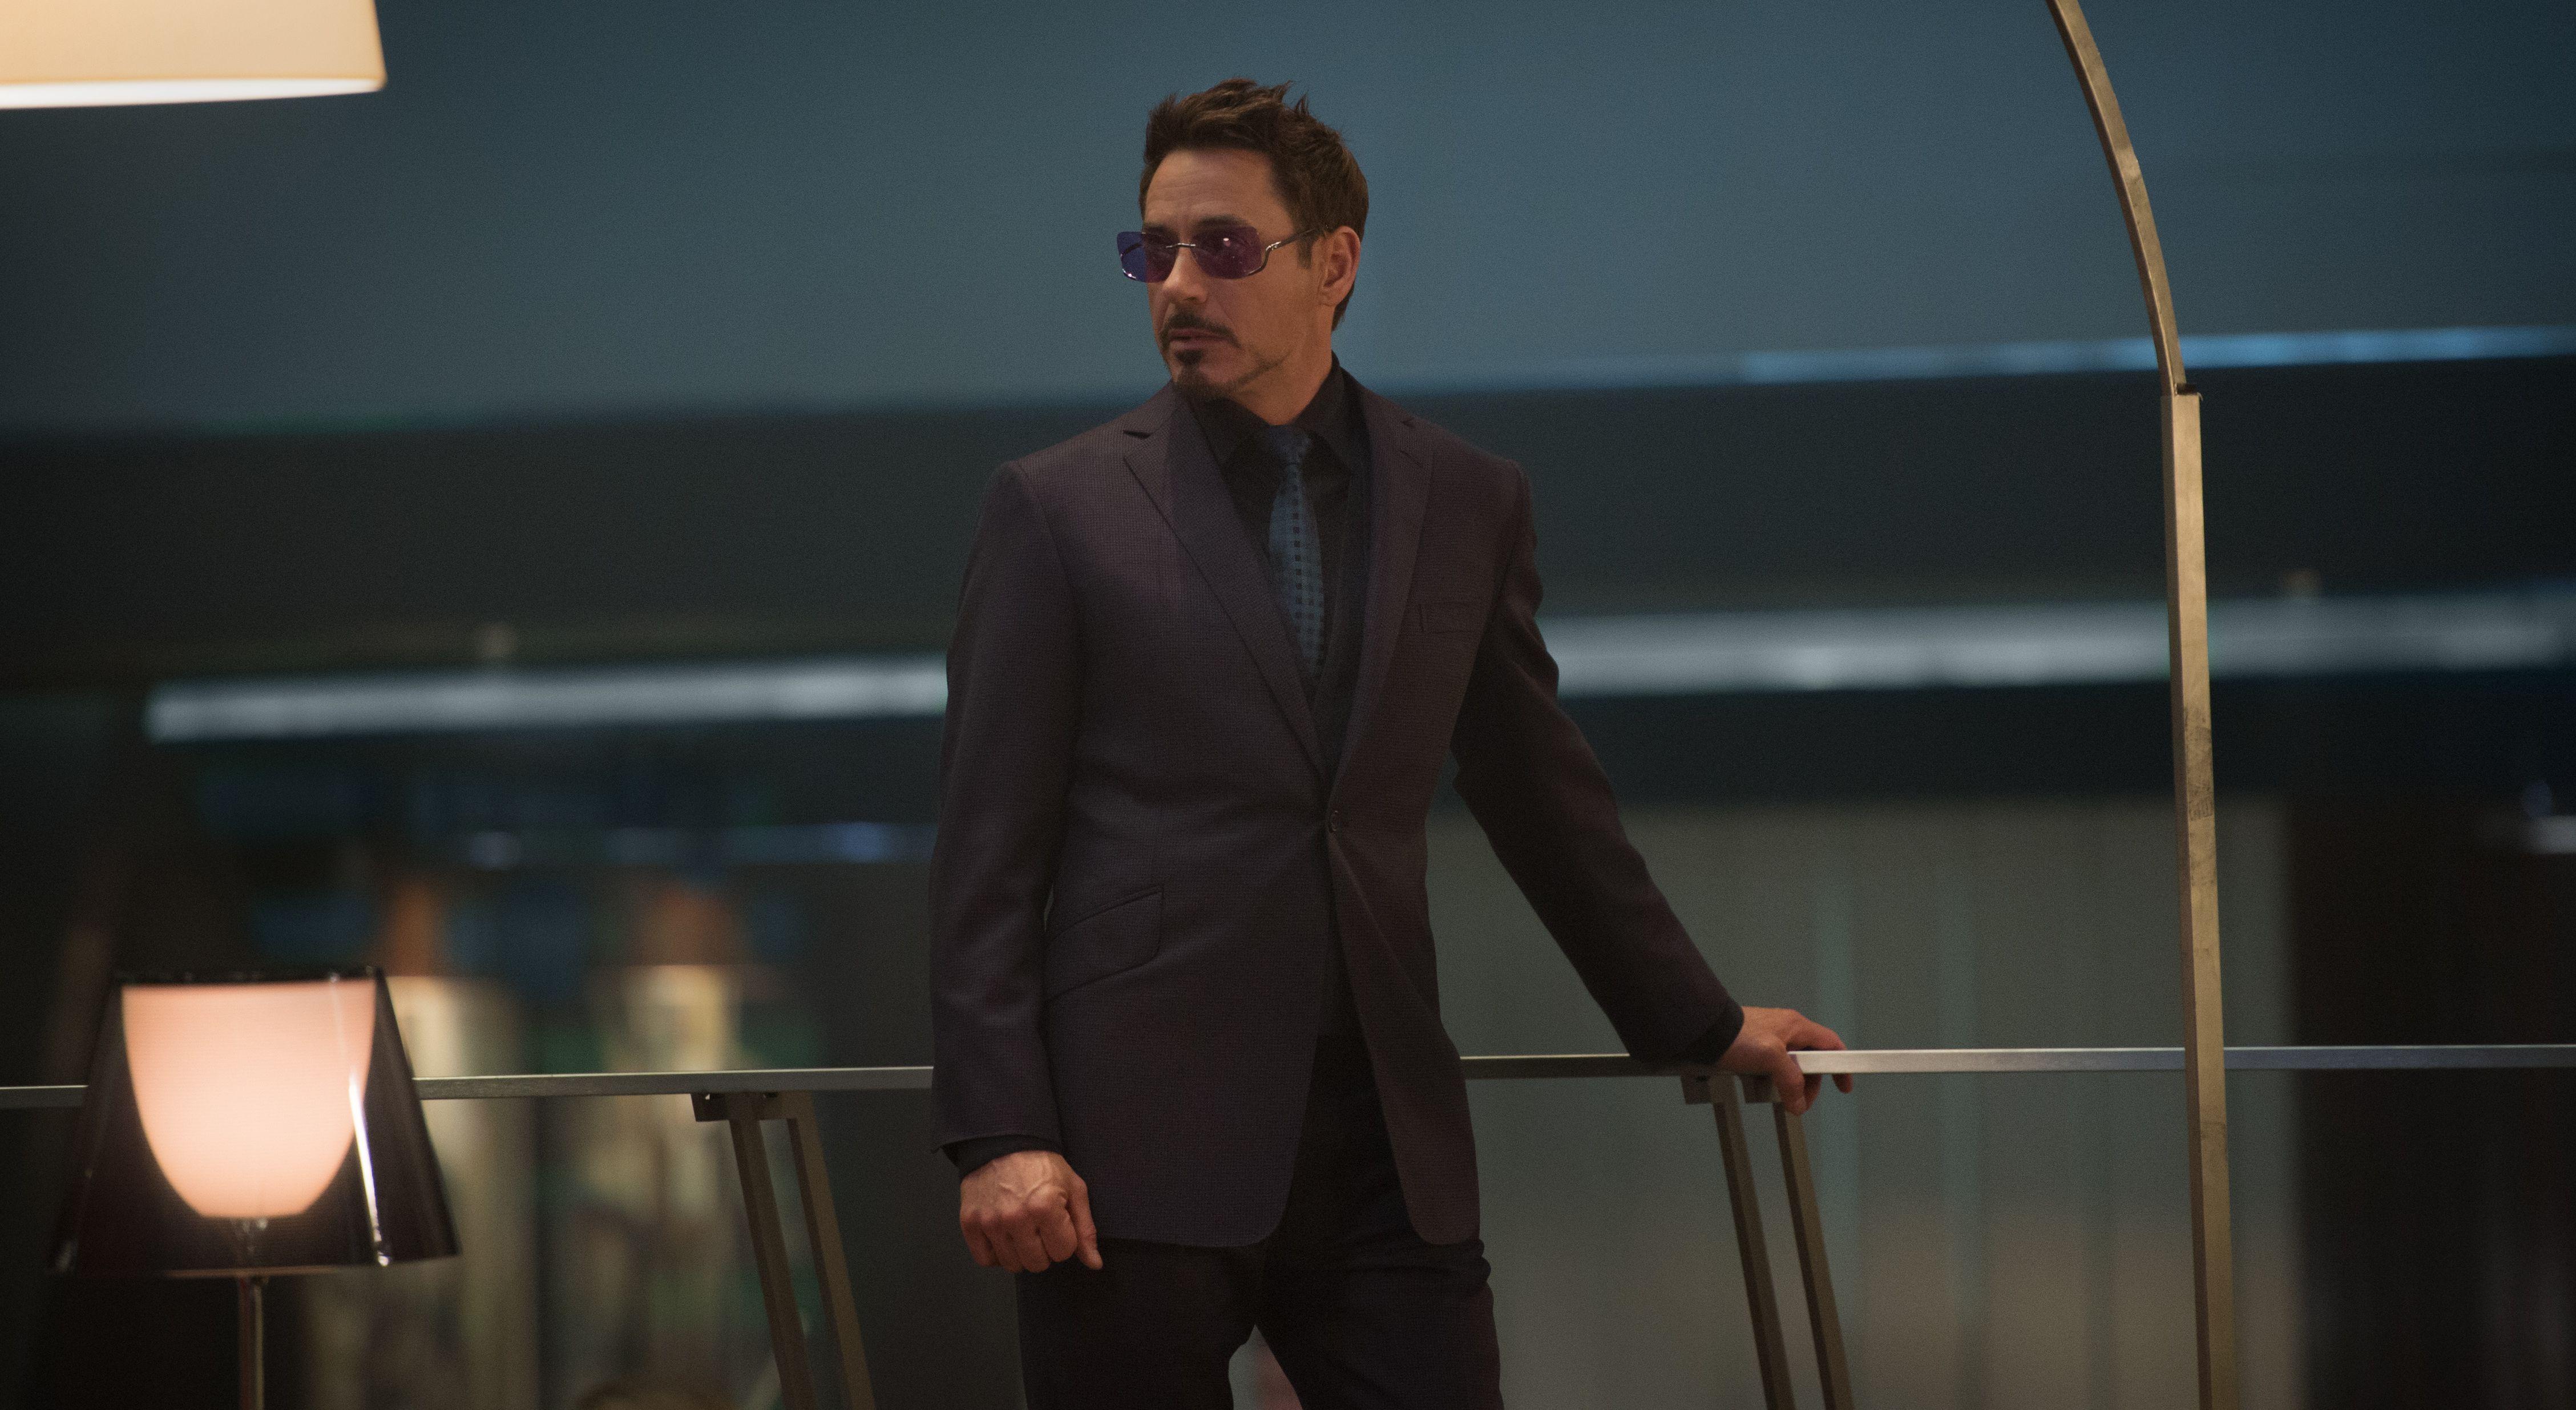 Robert Downey Jr Suit and Tie